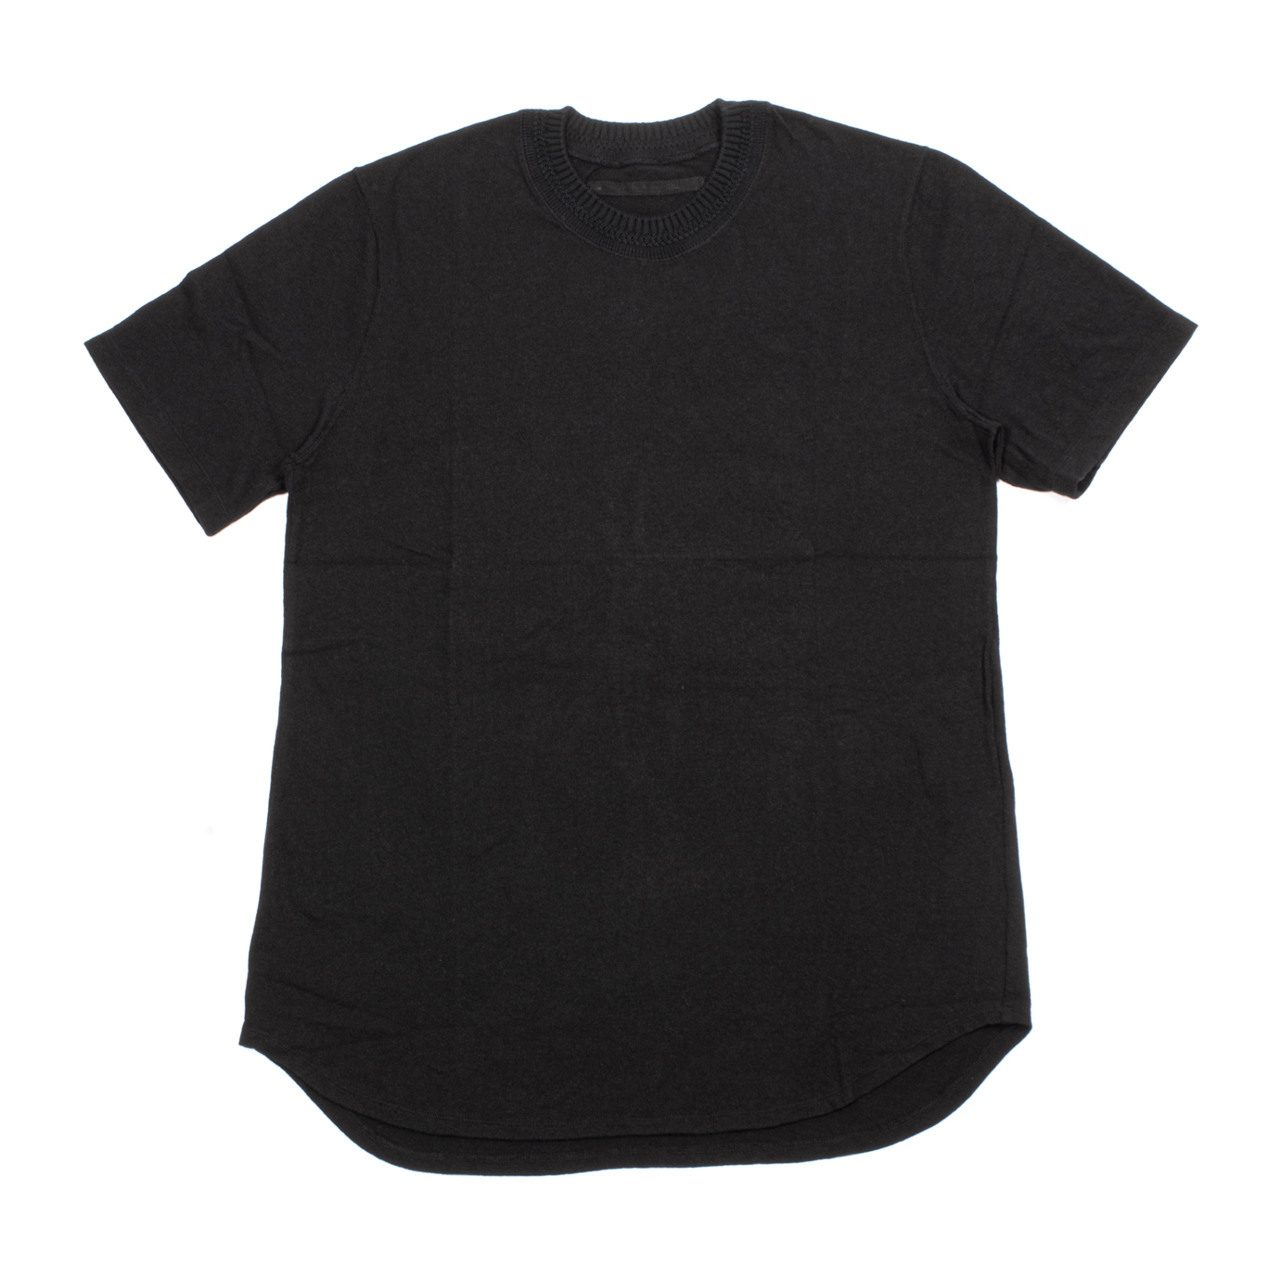 717CUM10-BLACK / ニットカラーTシャツ